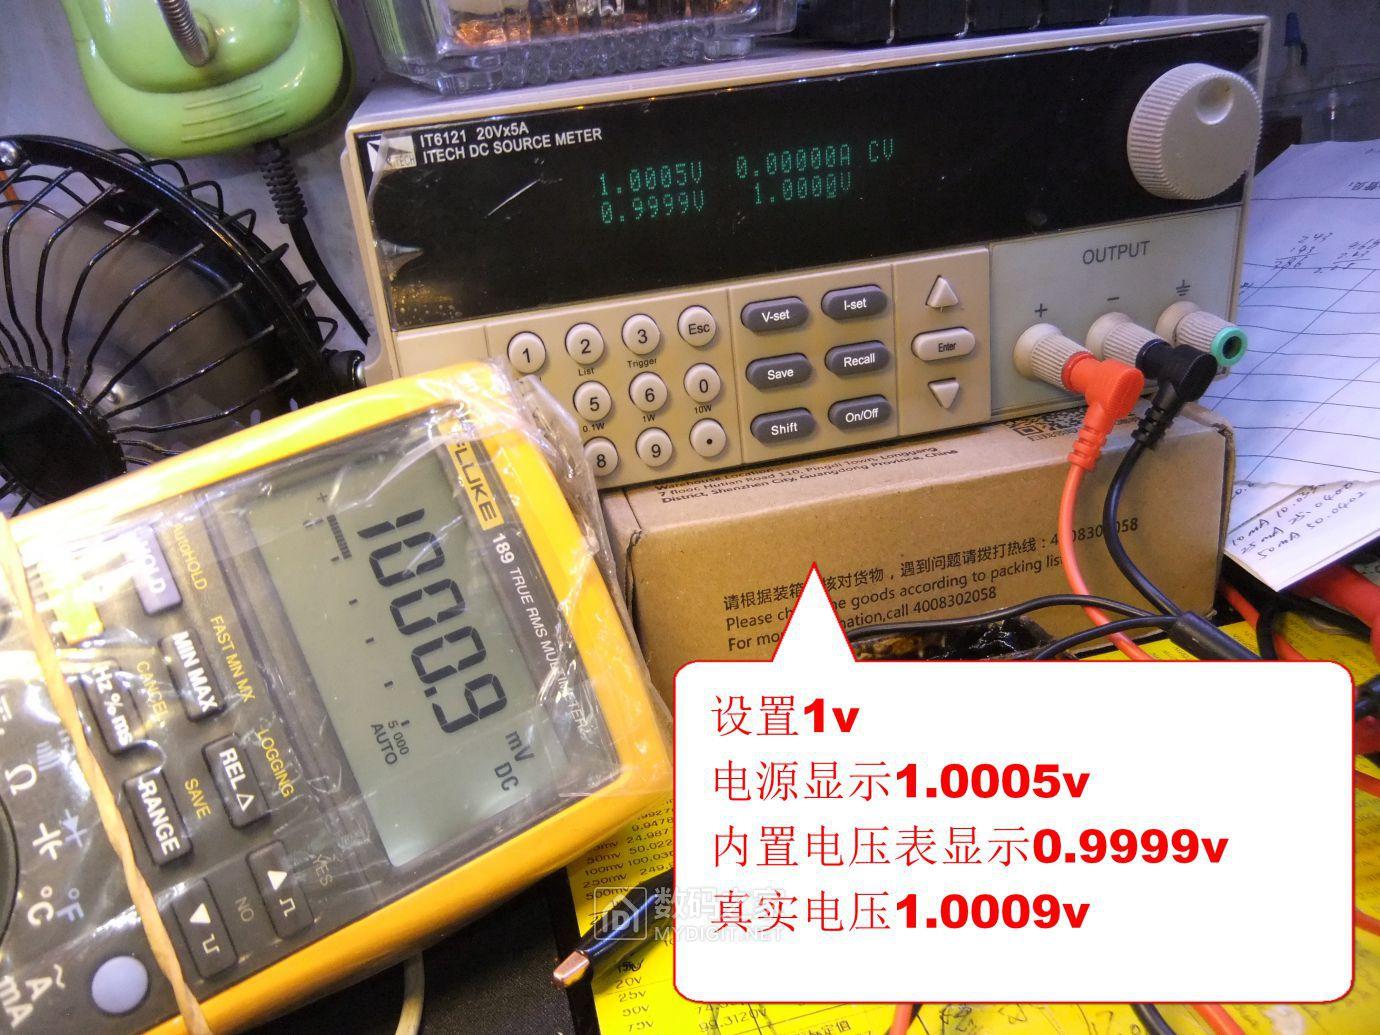 DSCF0489.JPG